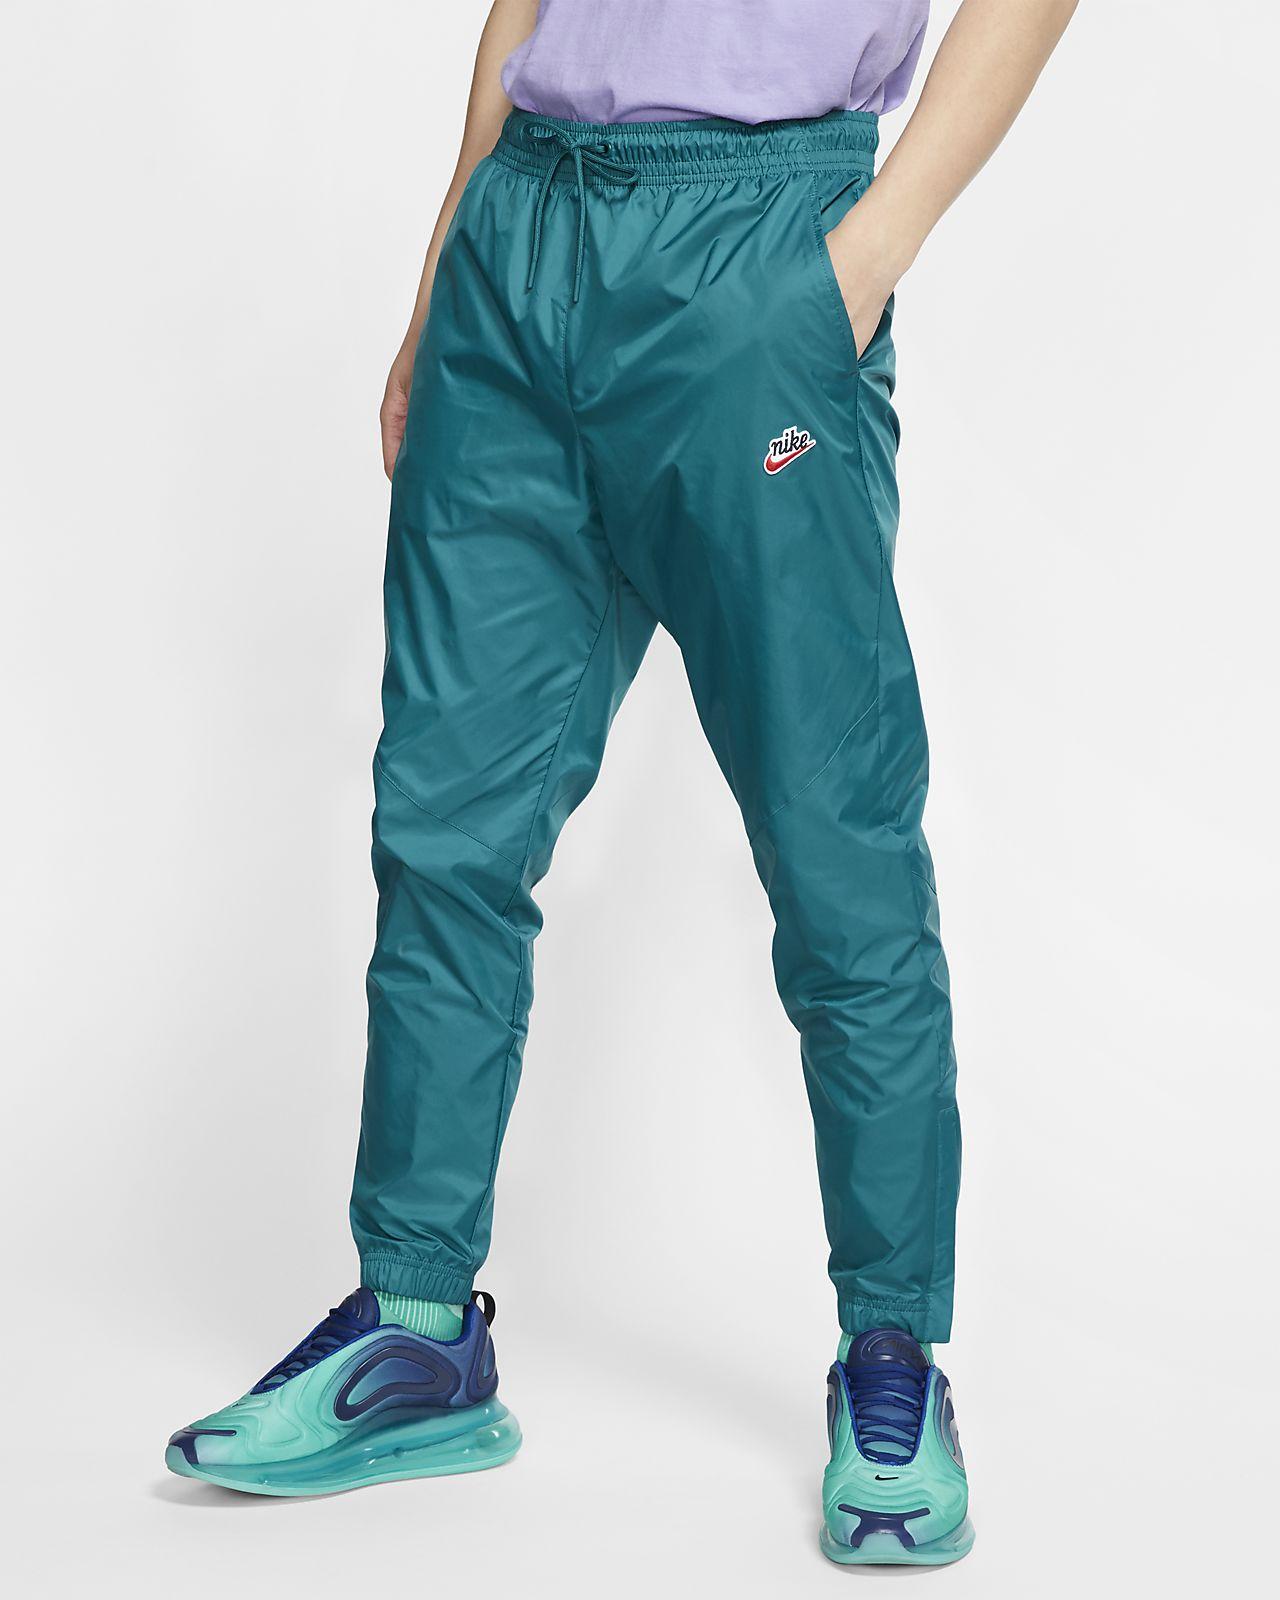 Nike Sportswear Windrunner Men's Trousers